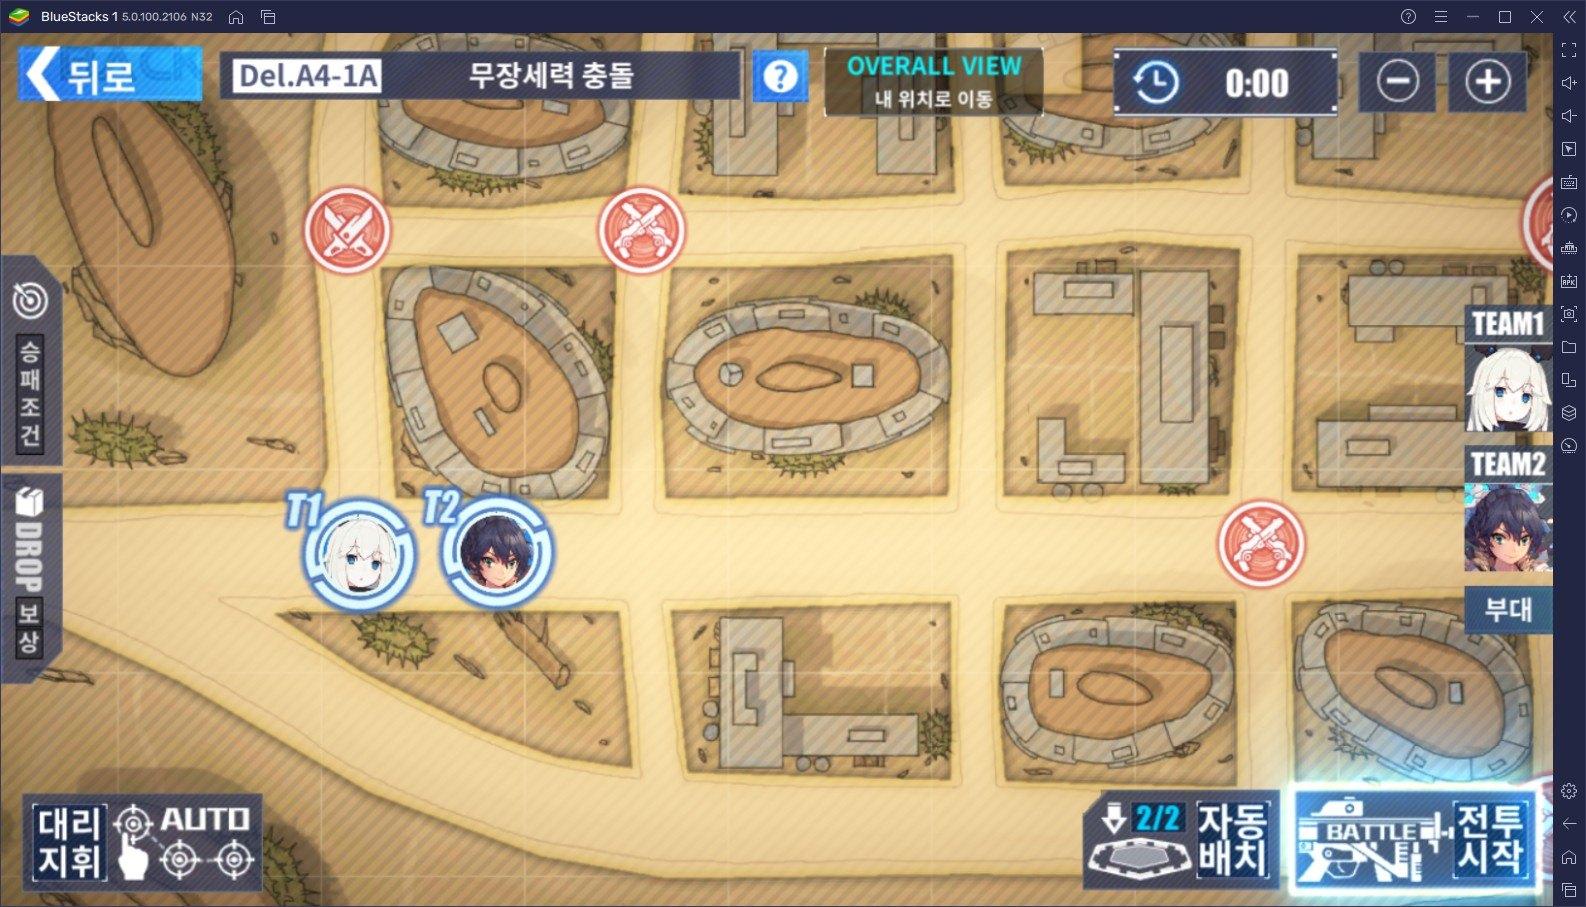 다채롭게 즐길 수 있는 파이널기어의 미션들을 PC에서 블루스택 앱플레이어로 해결해나가봐요!